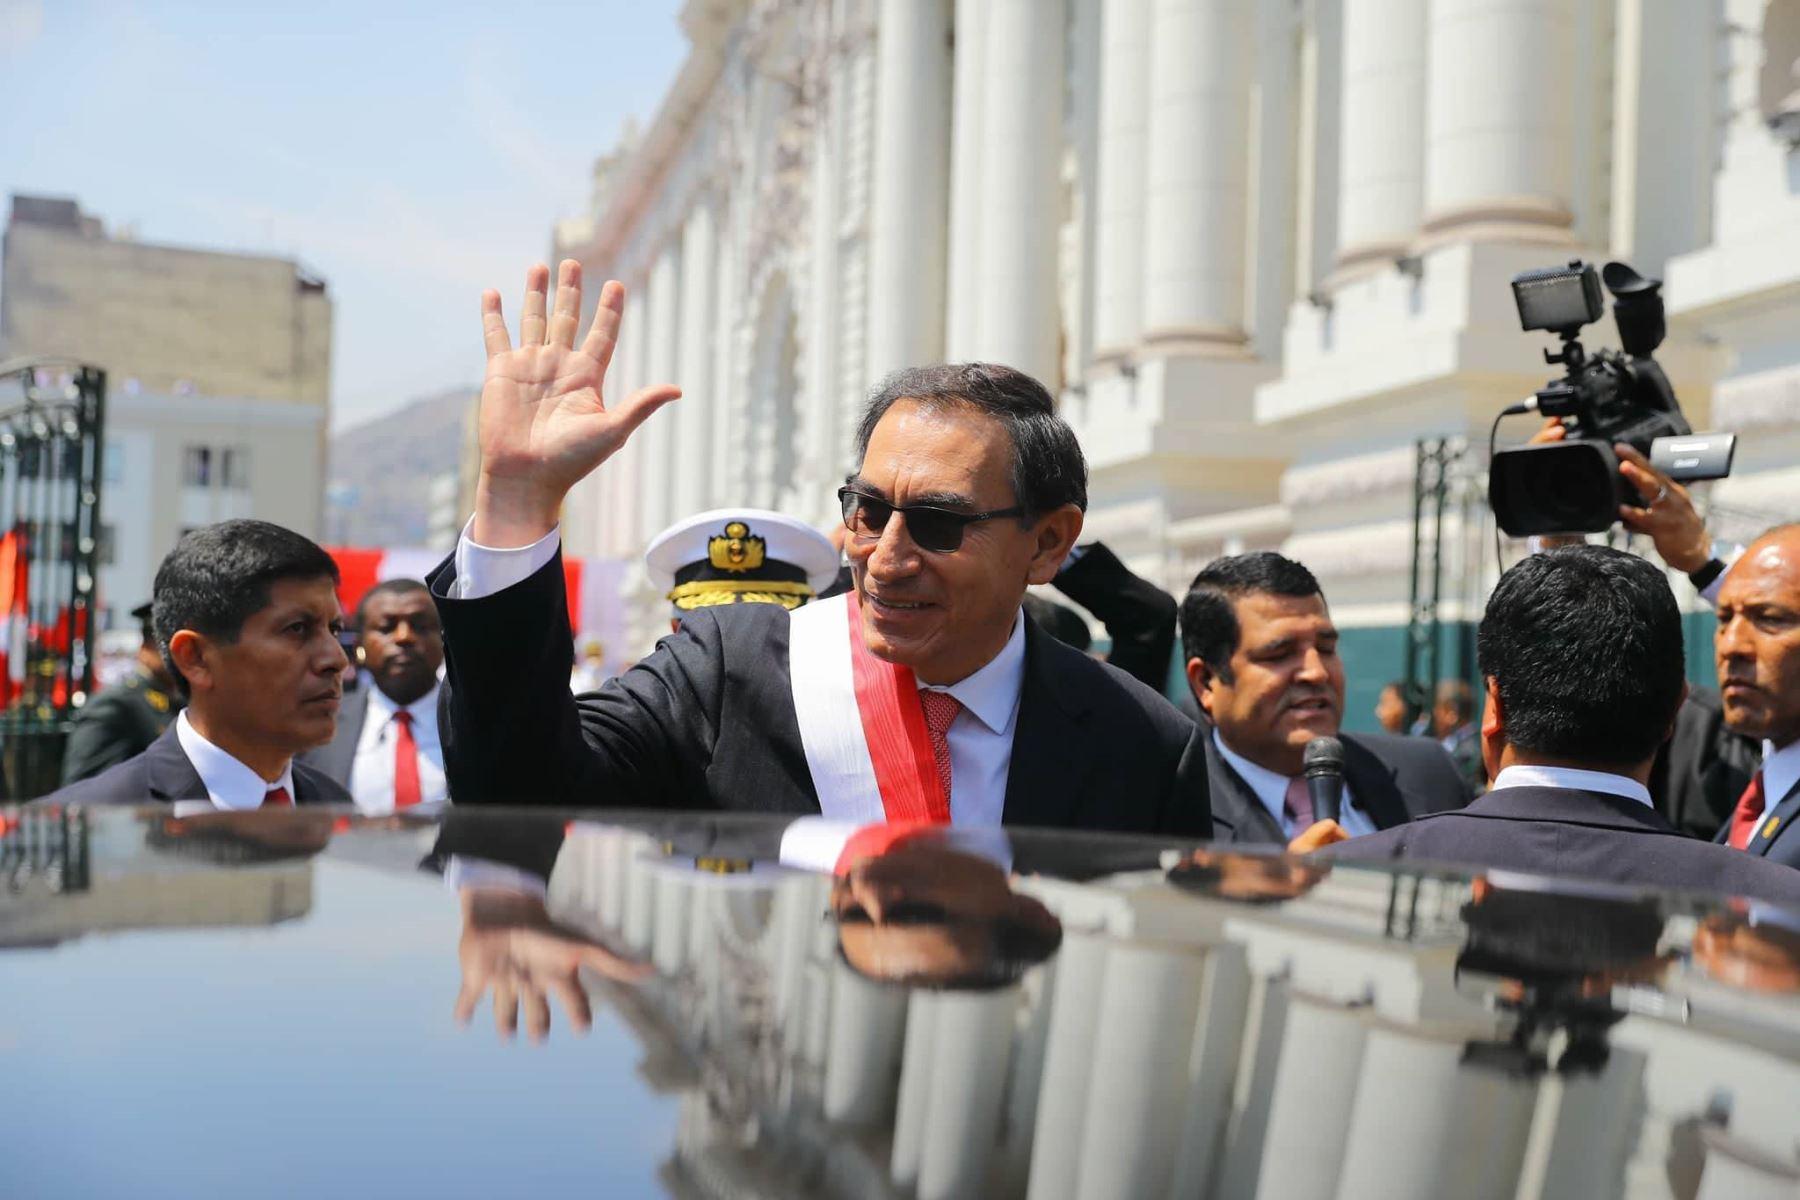 Foto: ANDINA/Andrés Valle.